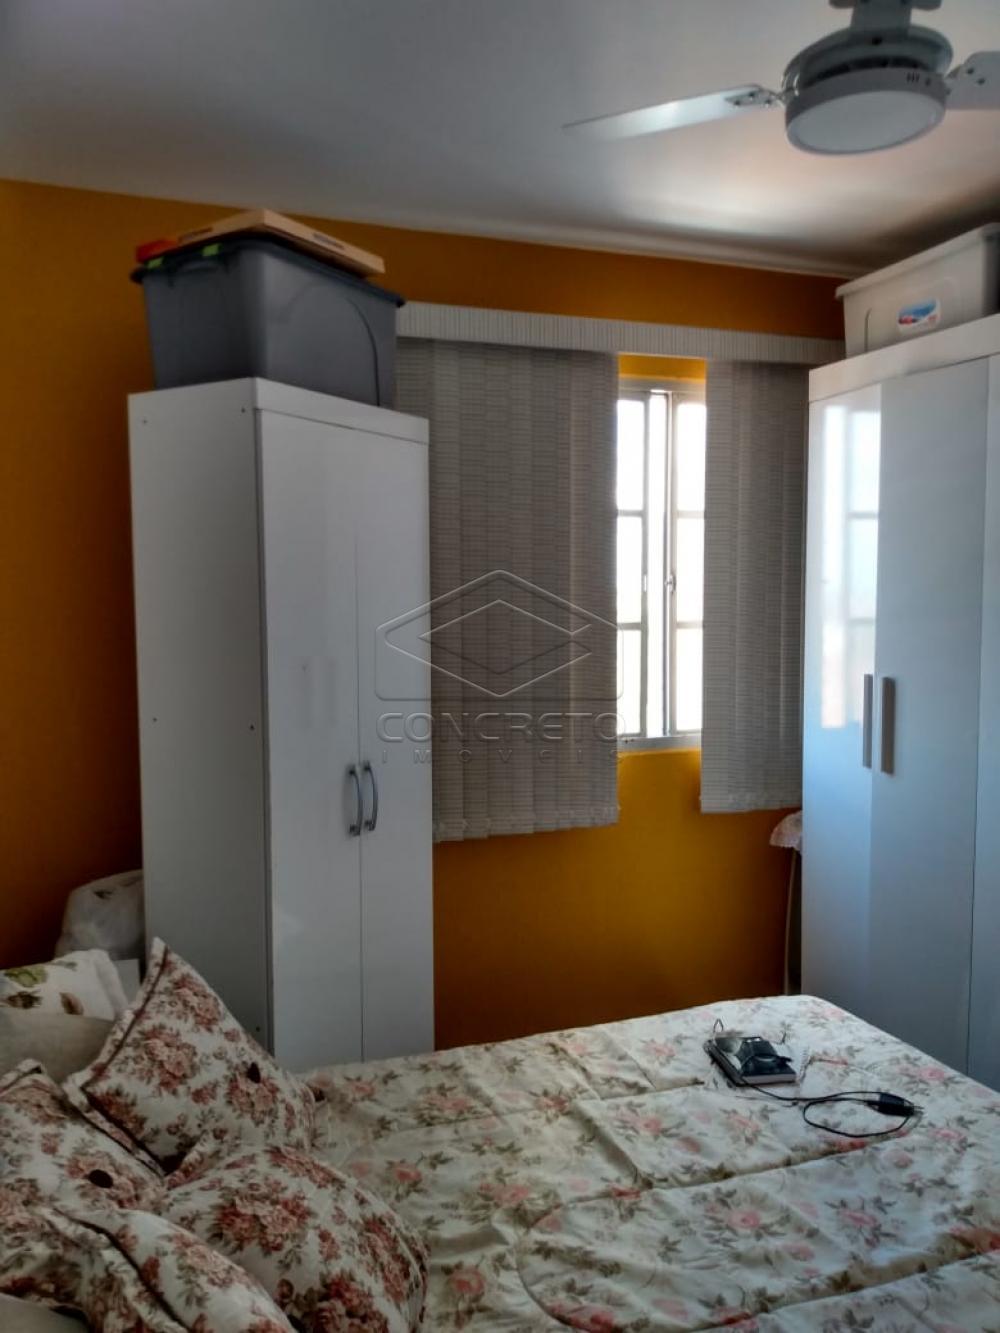 Comprar Apartamento / Padrão em Bauru R$ 220.000,00 - Foto 12